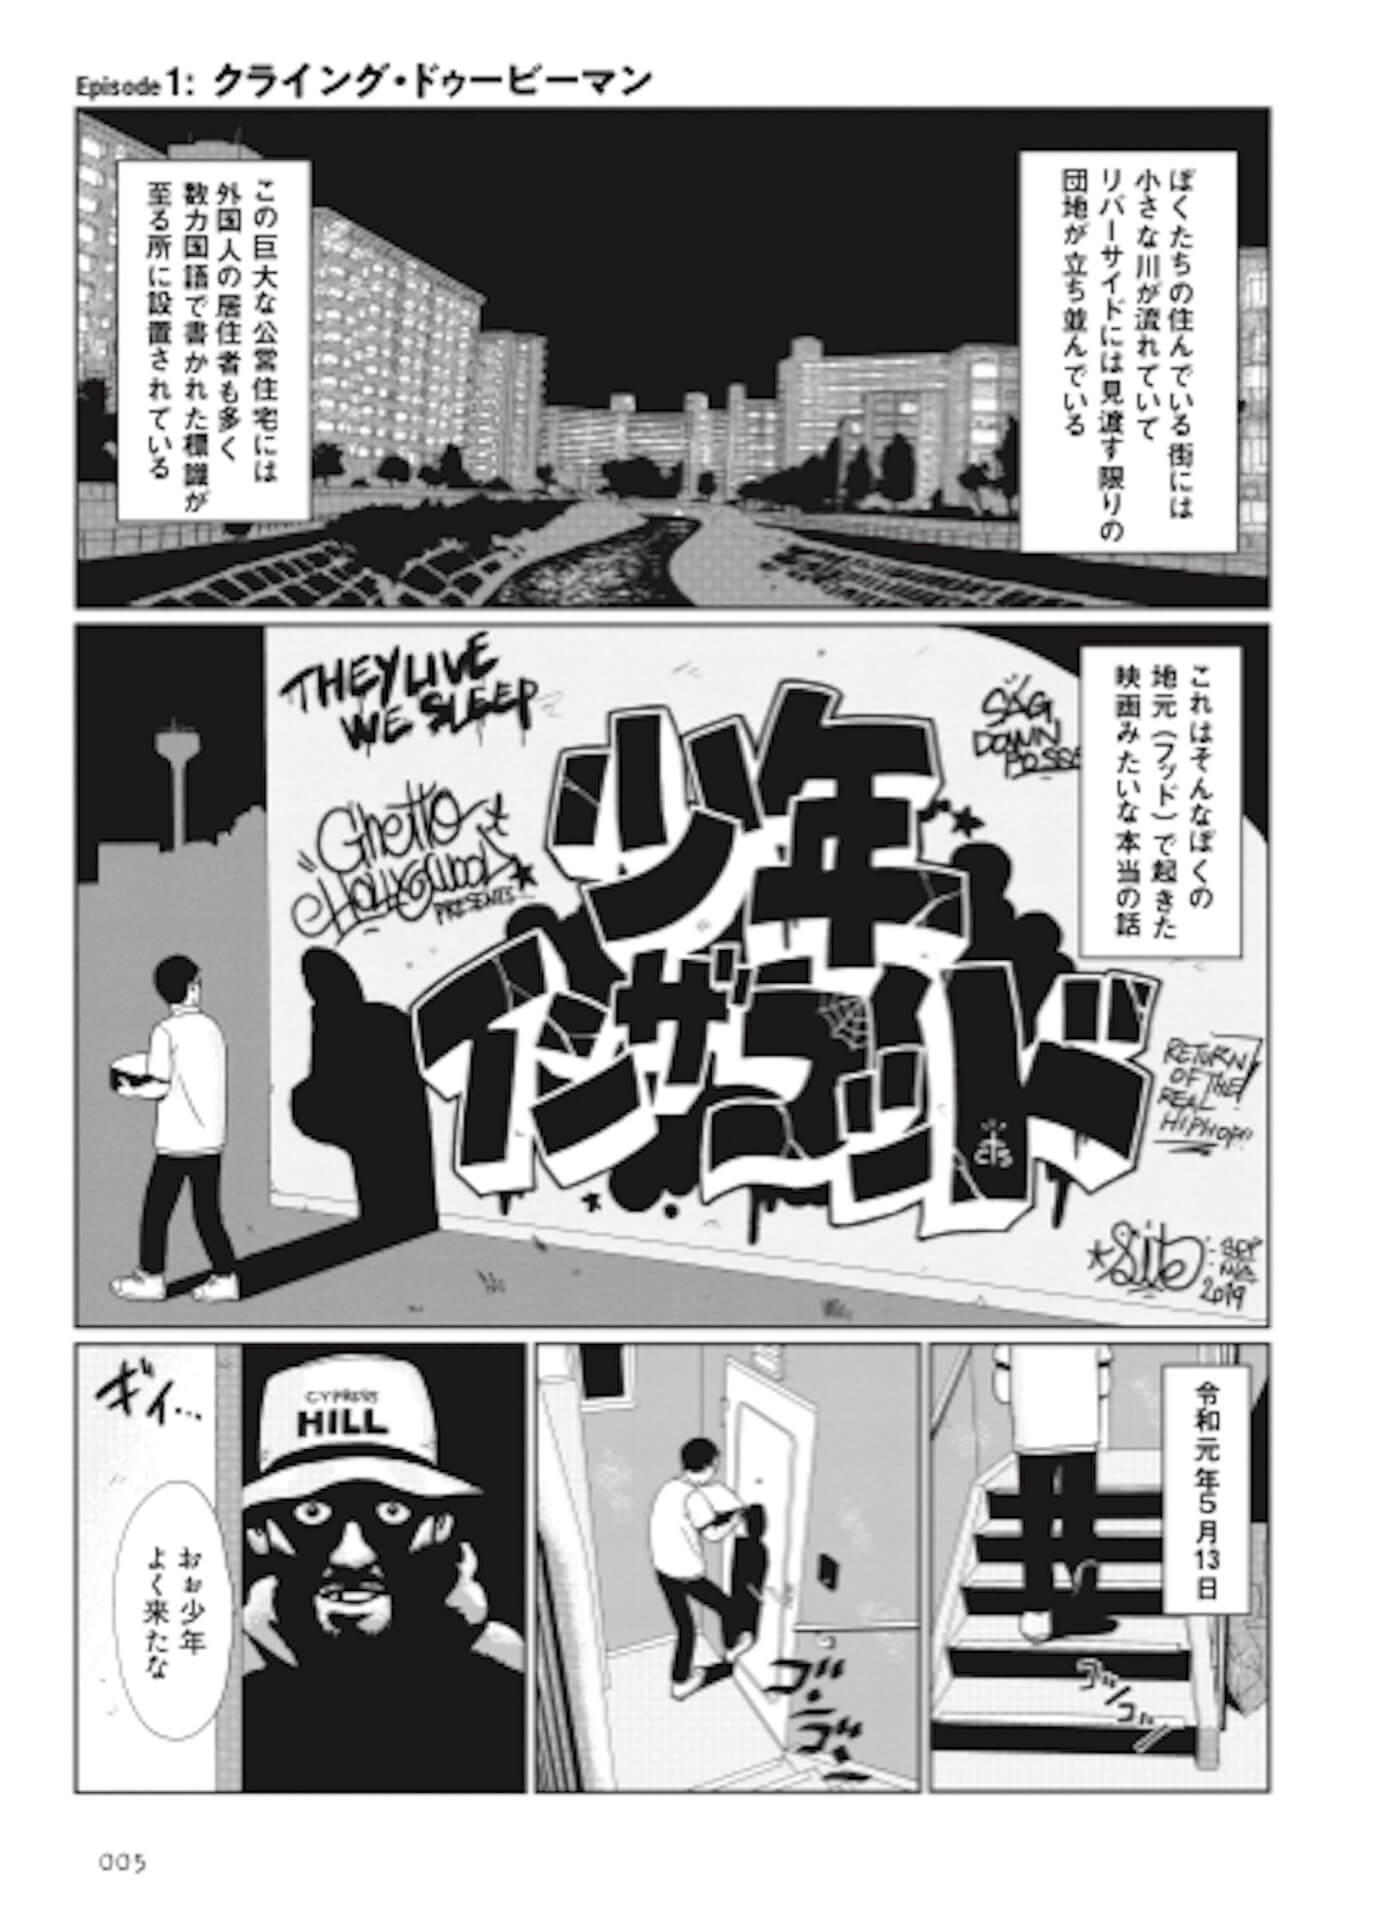 漫画『少年イン・ザ・フッド』単行本化インタビュー|Ghetto Hollywoodに影響を与えた作品たち interview200907_ghettohollywood_11